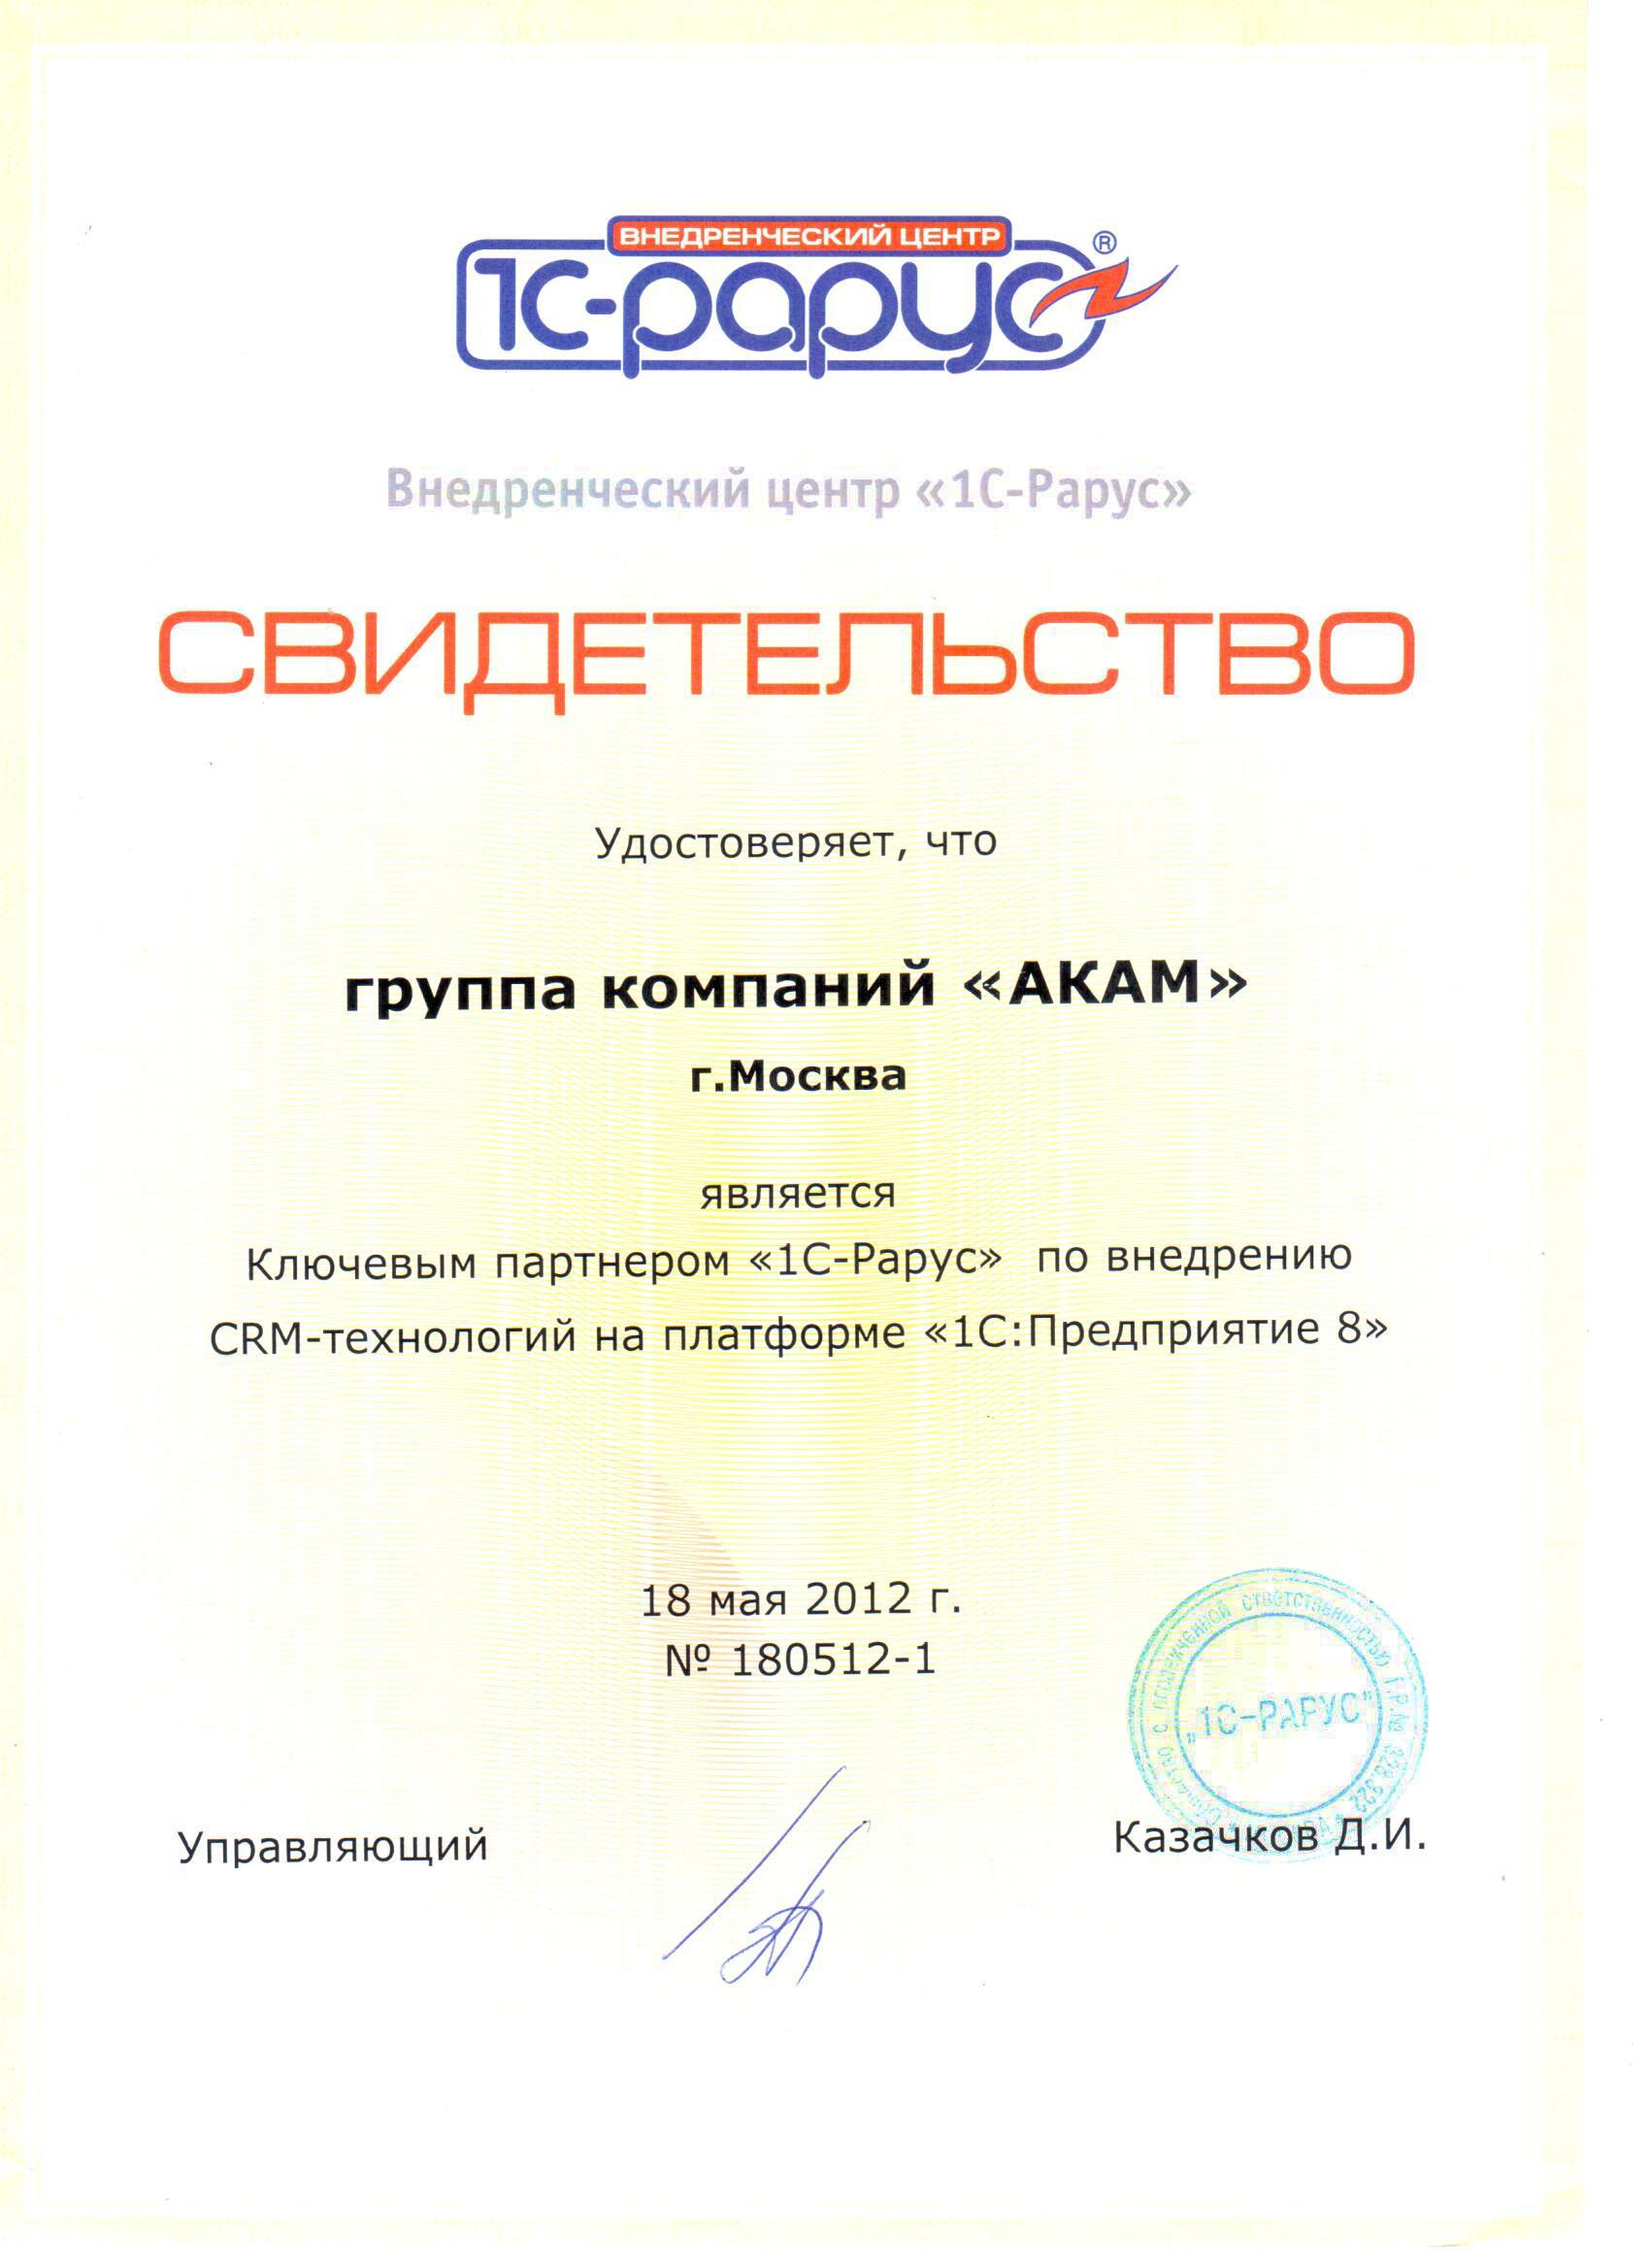 Ицхак Калдерон Адизес авторские бизнестренинги в Киеве